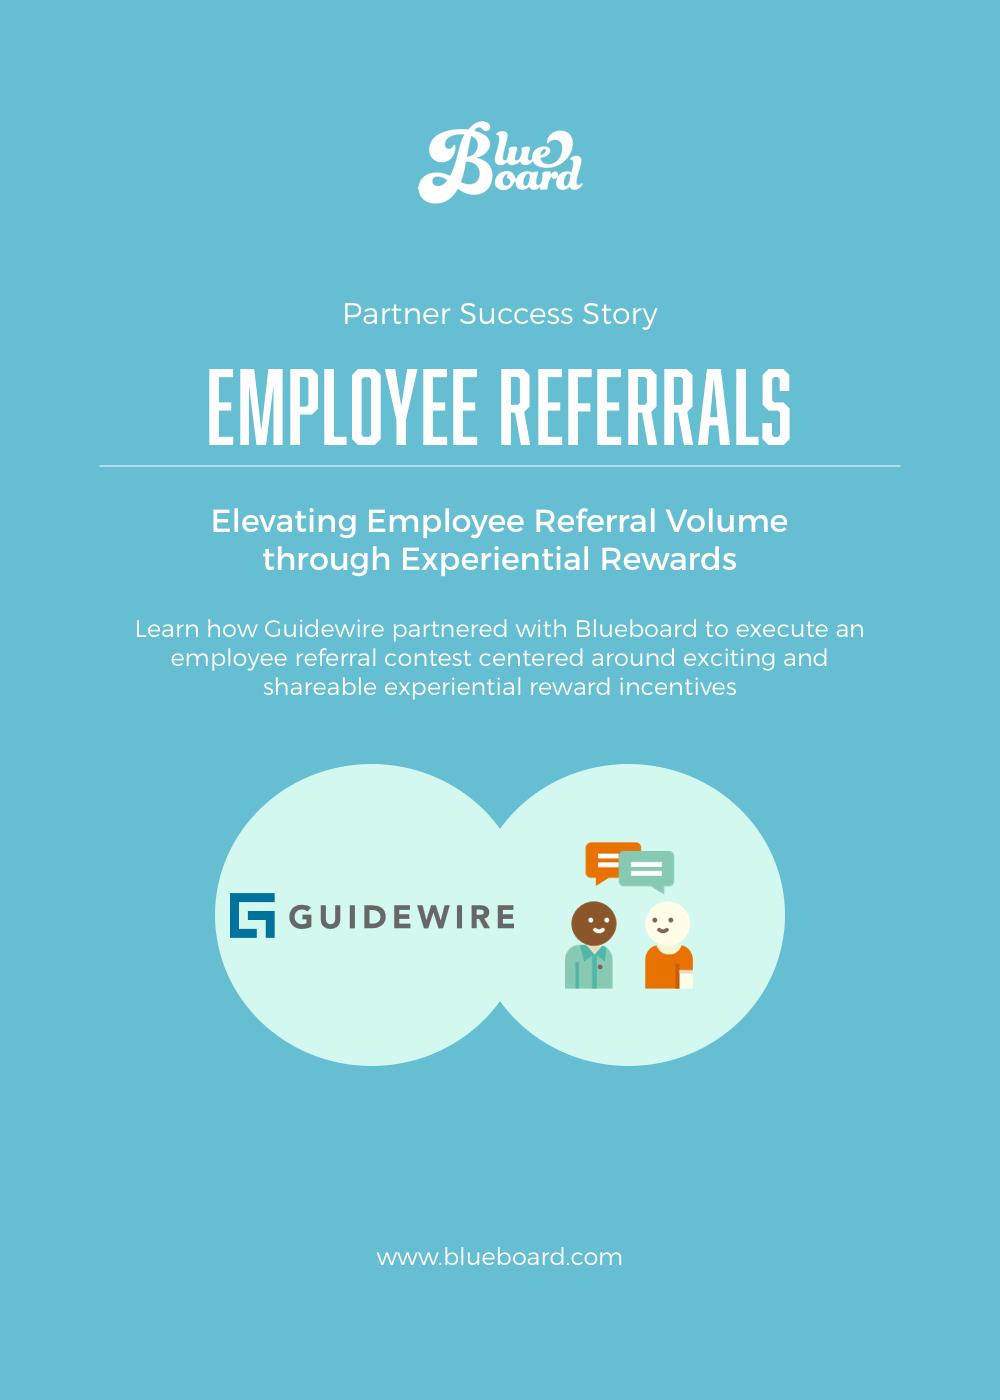 Guidewire Case Study Cover